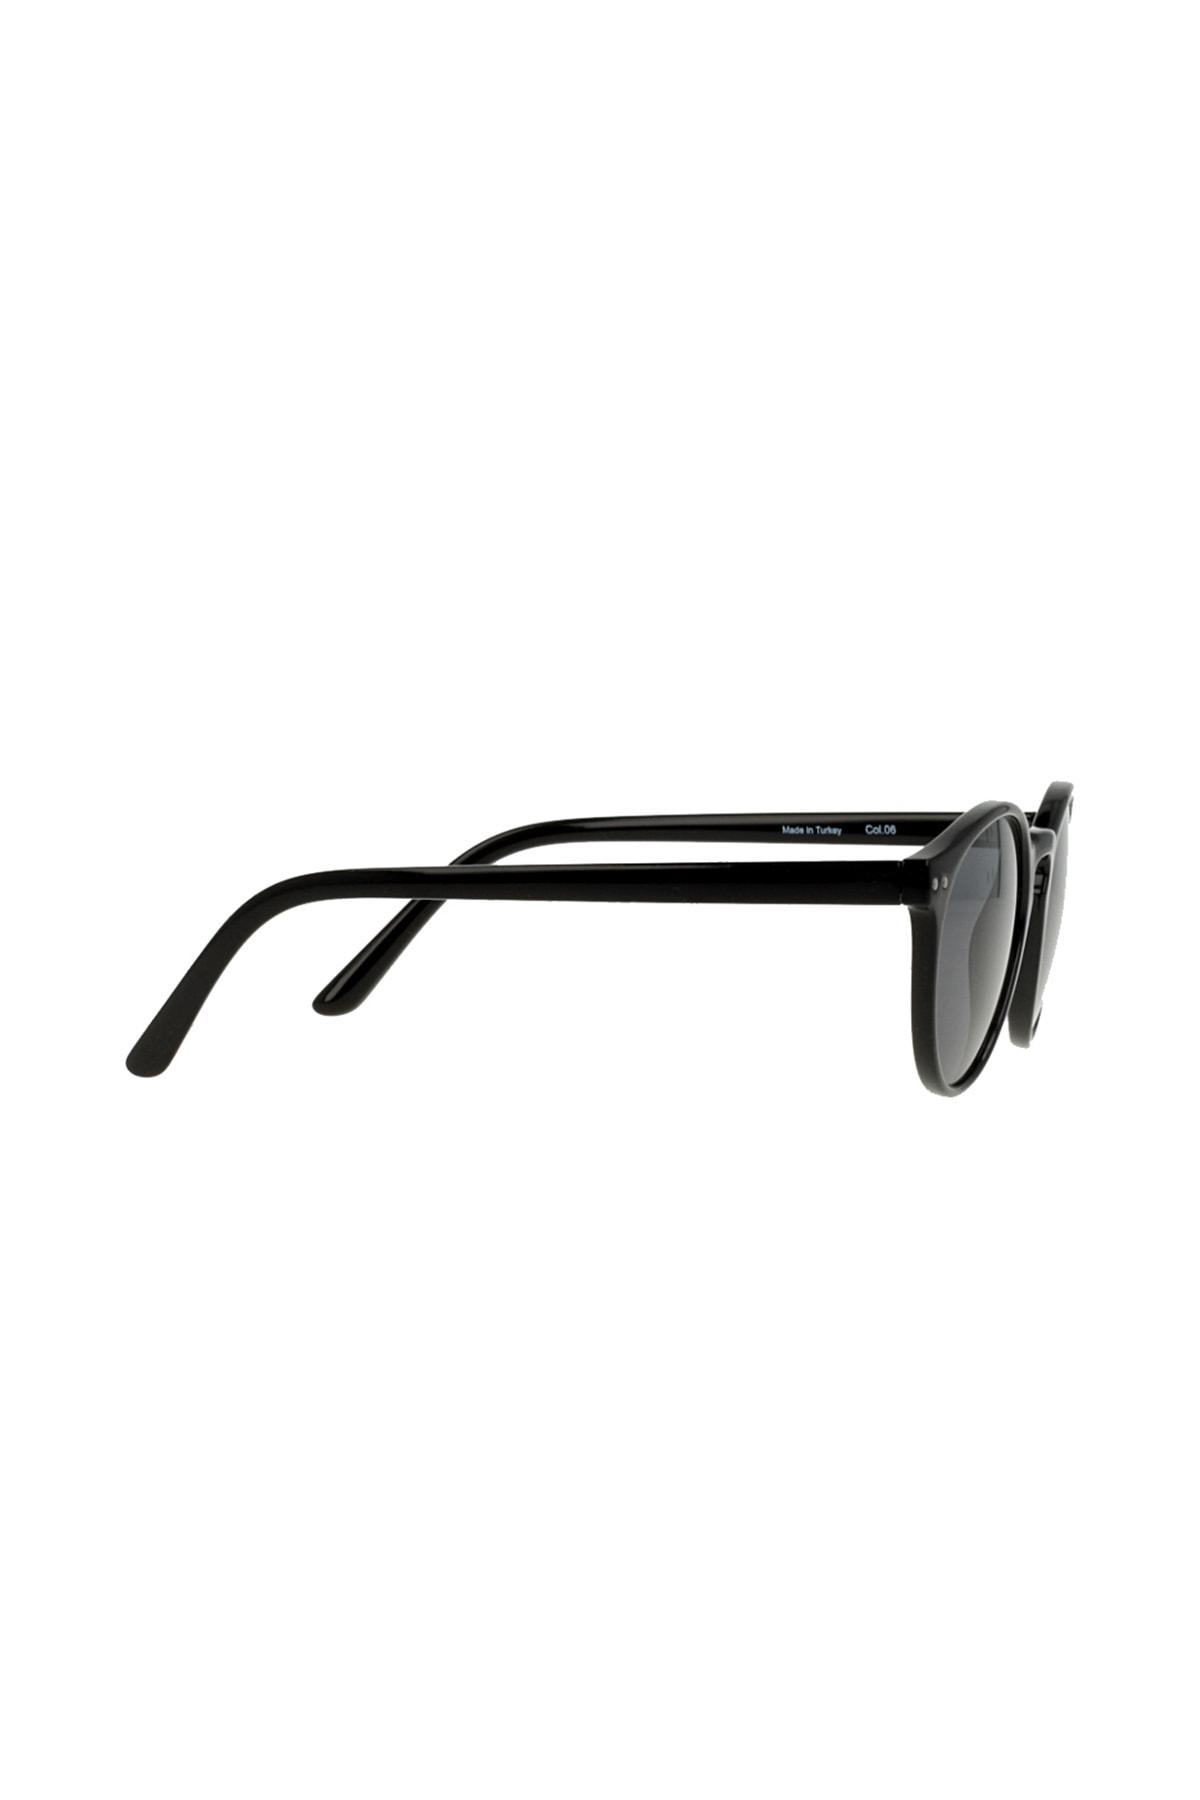 Inesta Unisex Güneş Gözlüğü GU033539